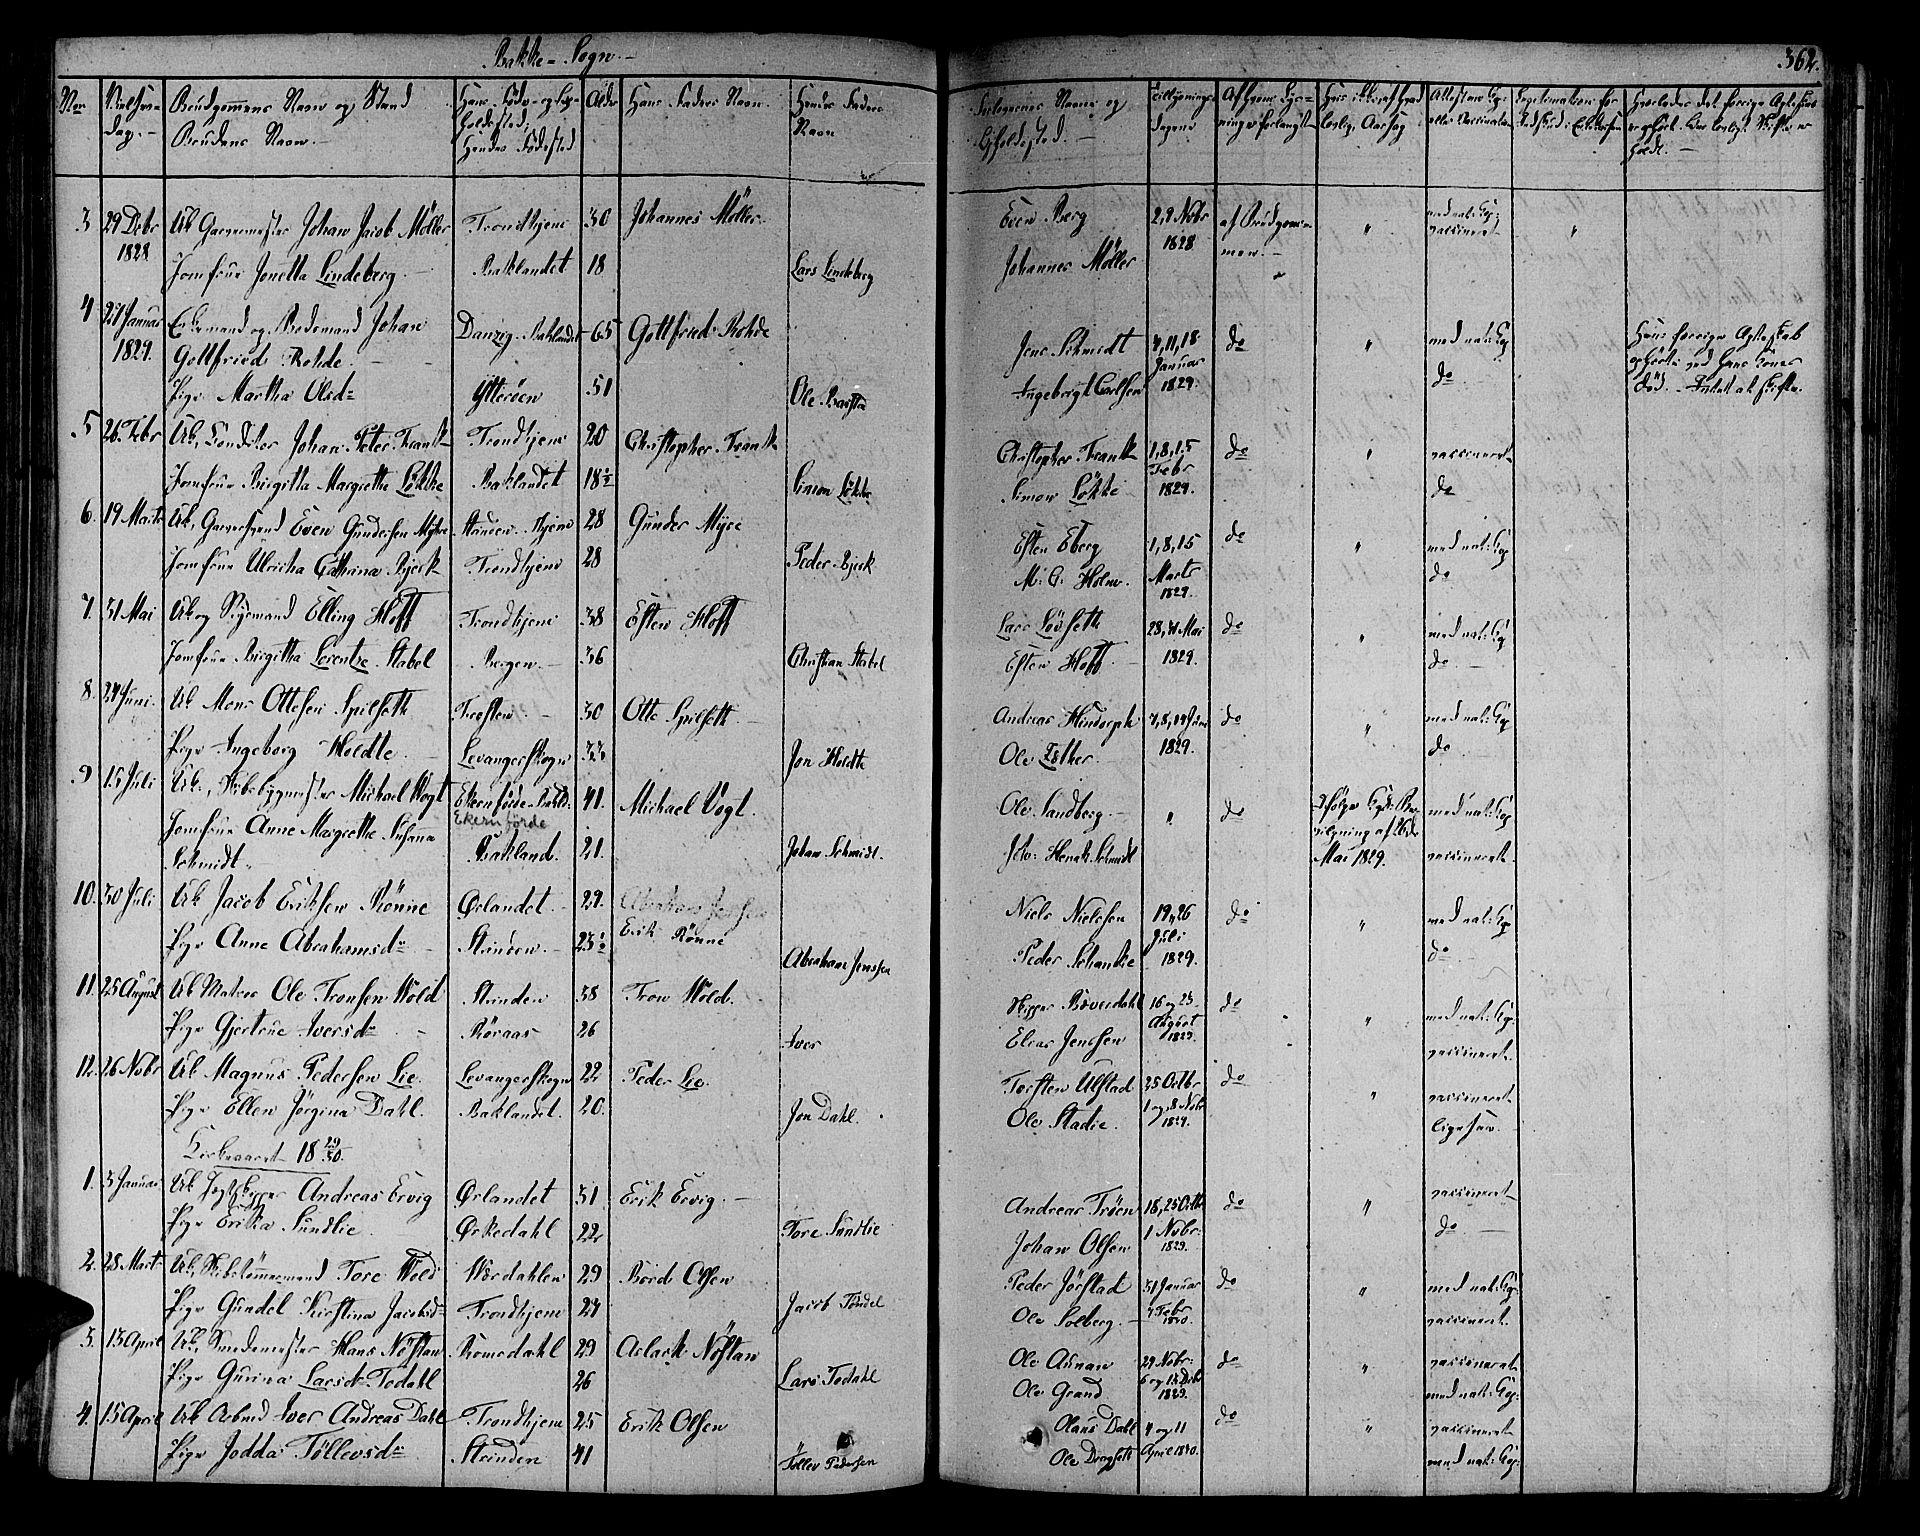 SAT, Ministerialprotokoller, klokkerbøker og fødselsregistre - Sør-Trøndelag, 606/L0287: Ministerialbok nr. 606A04 /2, 1826-1840, s. 362